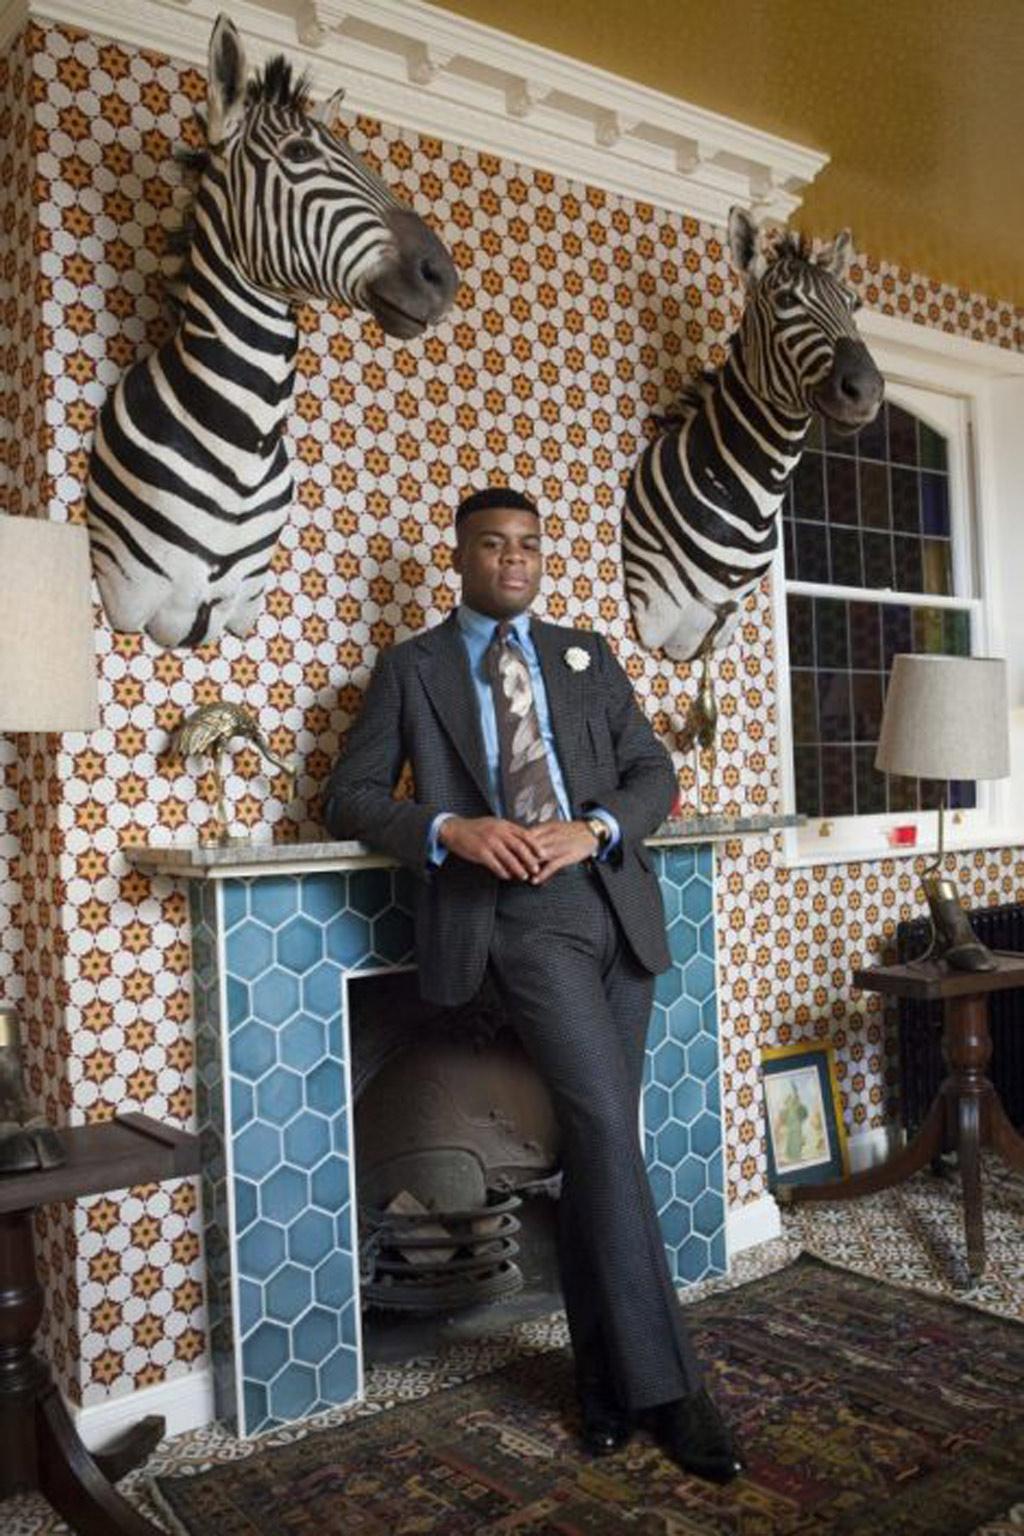 aphrochic - Barima Owusu-Nyantekyi at the King's Head Club, London, Rose Callahan